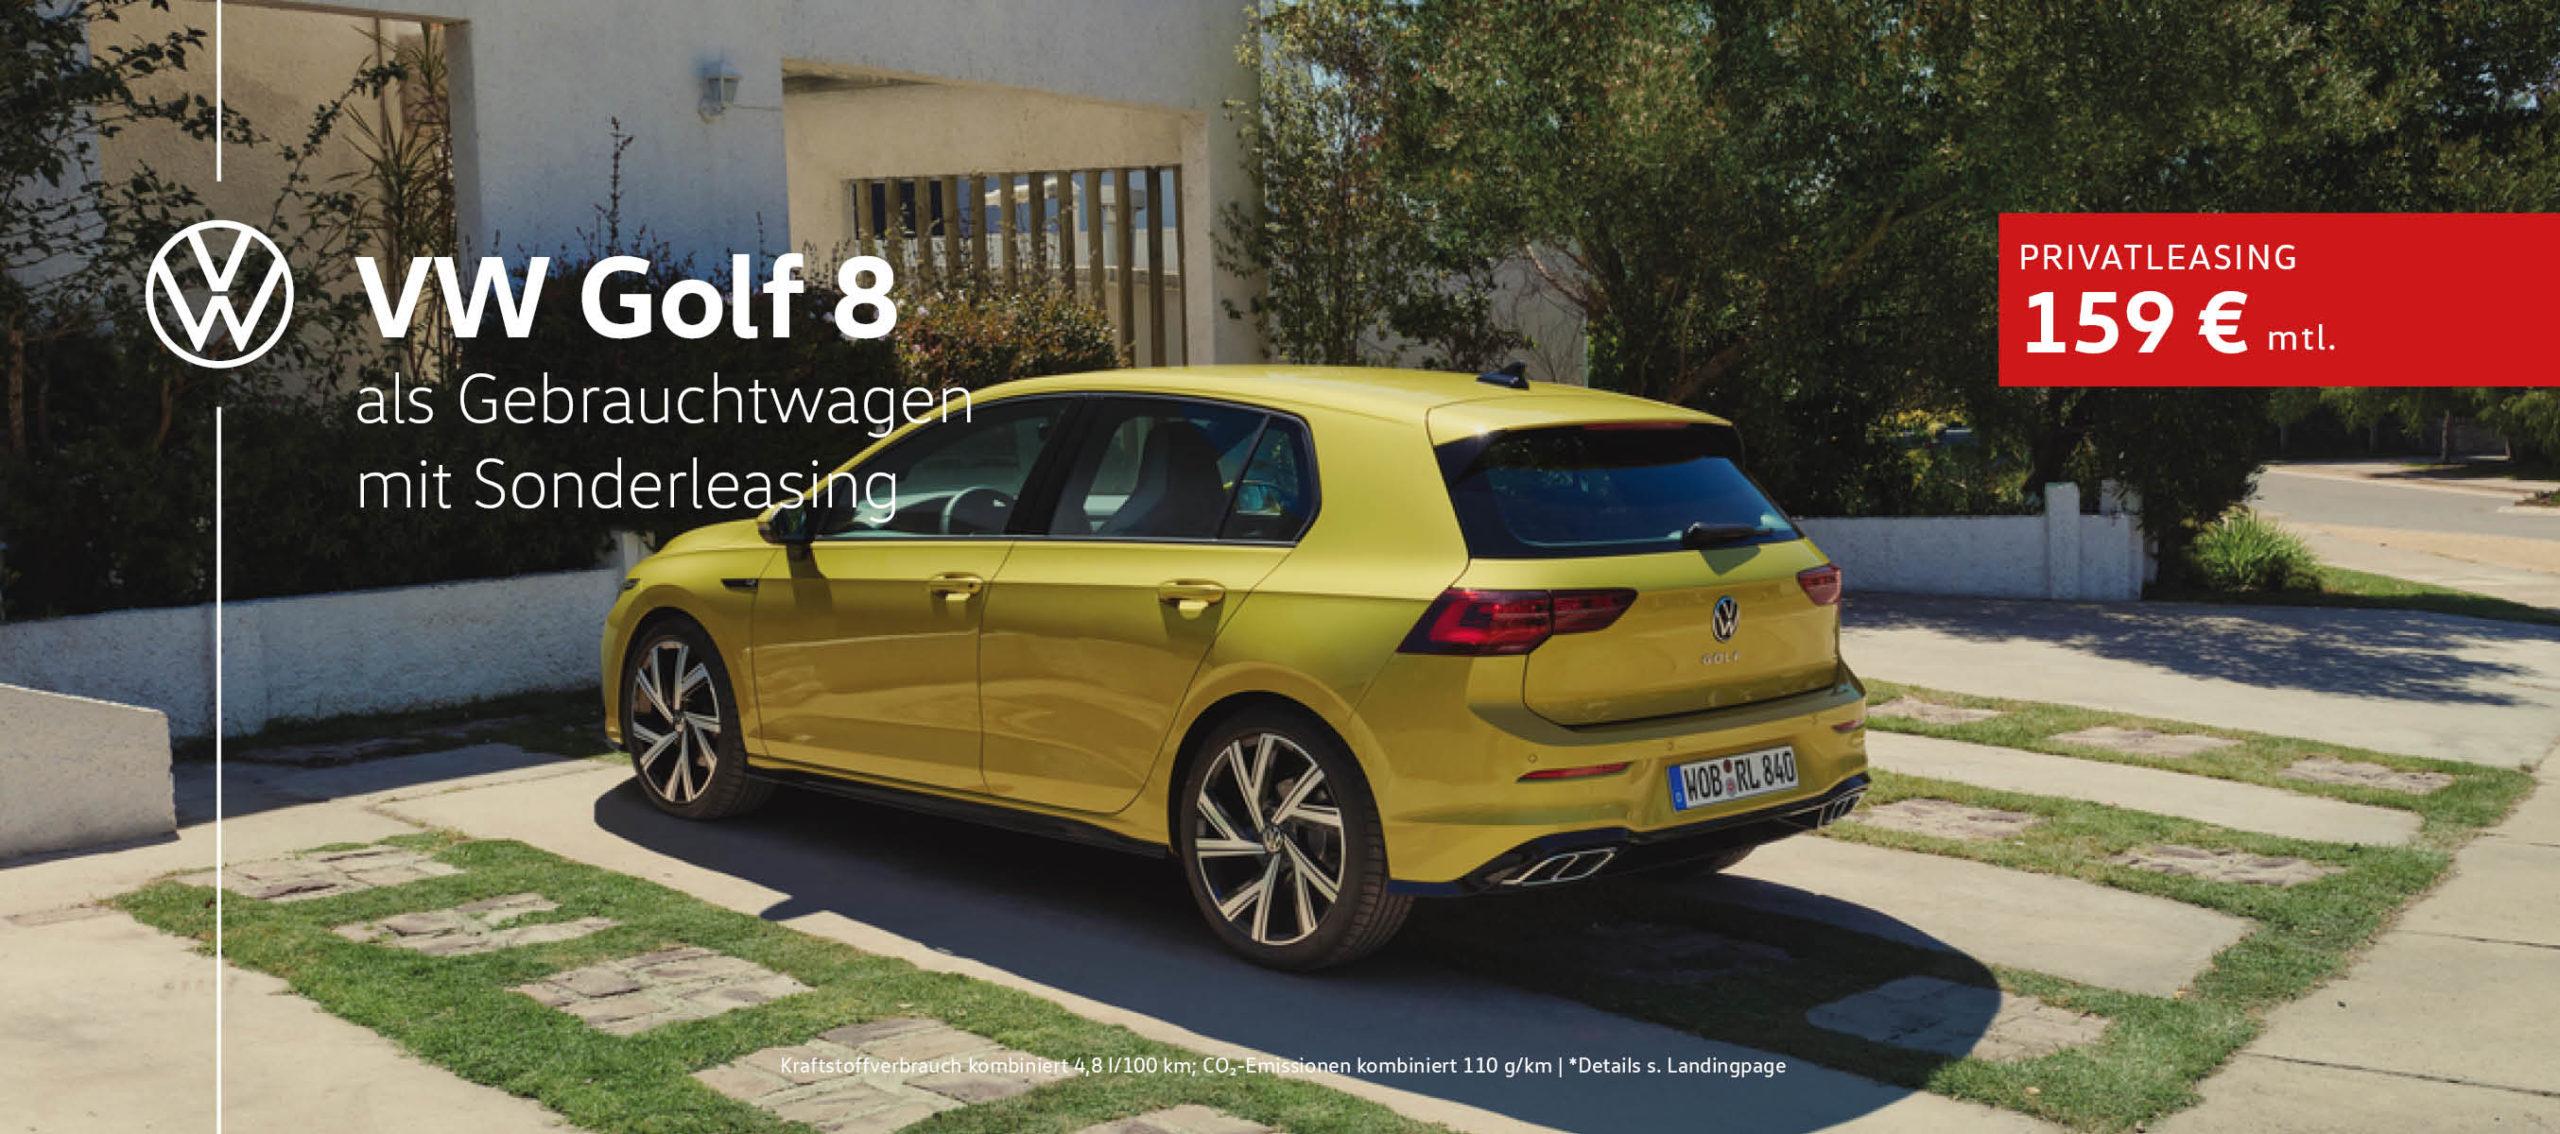 Volkswagen Golf 8 Sonderleasing